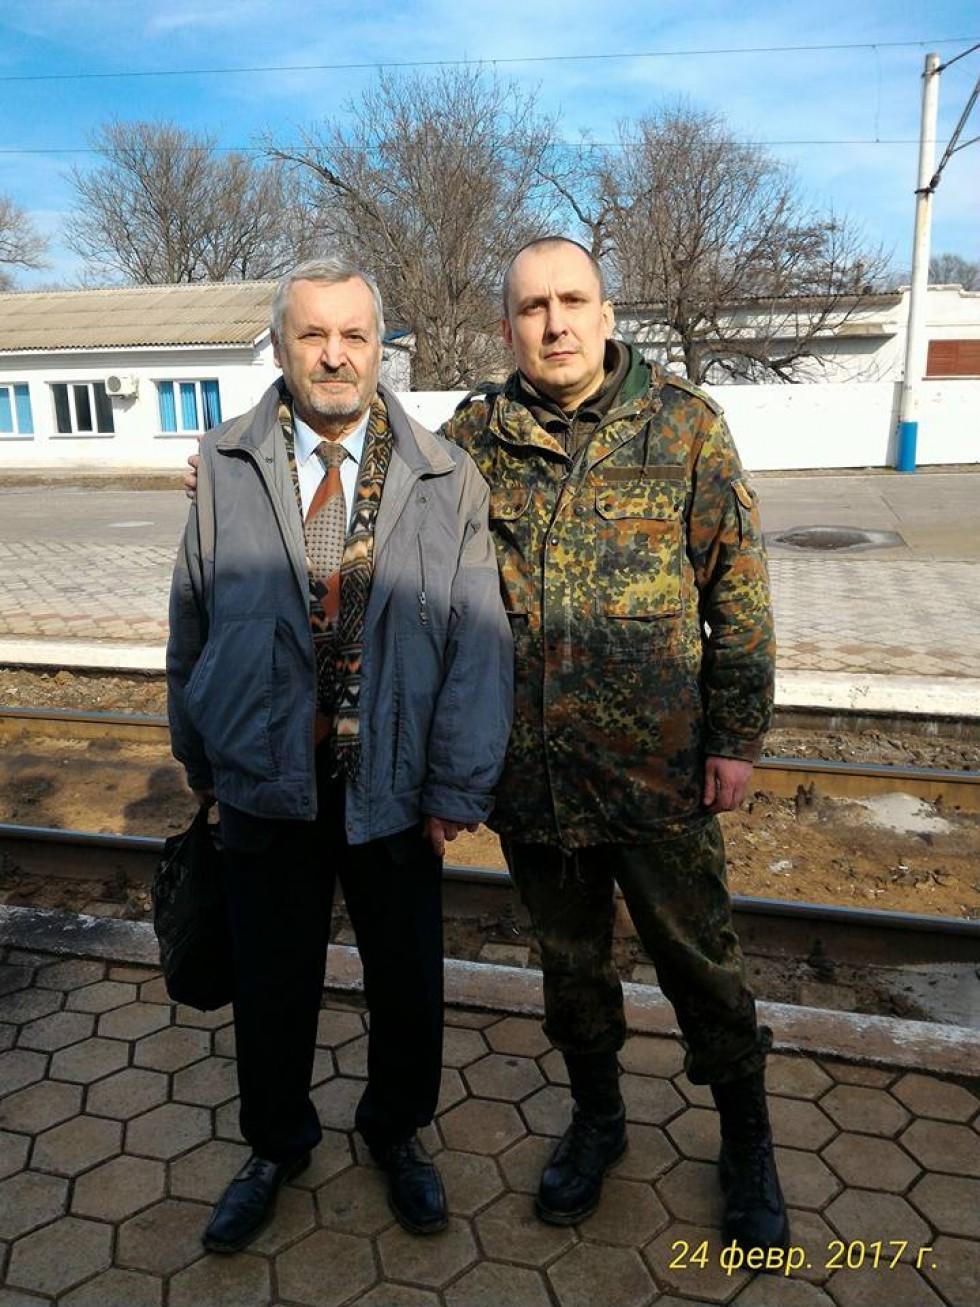 Фото із сімейного архіву: Костянтин Васін (ліворуч) часто навідується в Мелітополь, де домівки синів Кості та Олександра